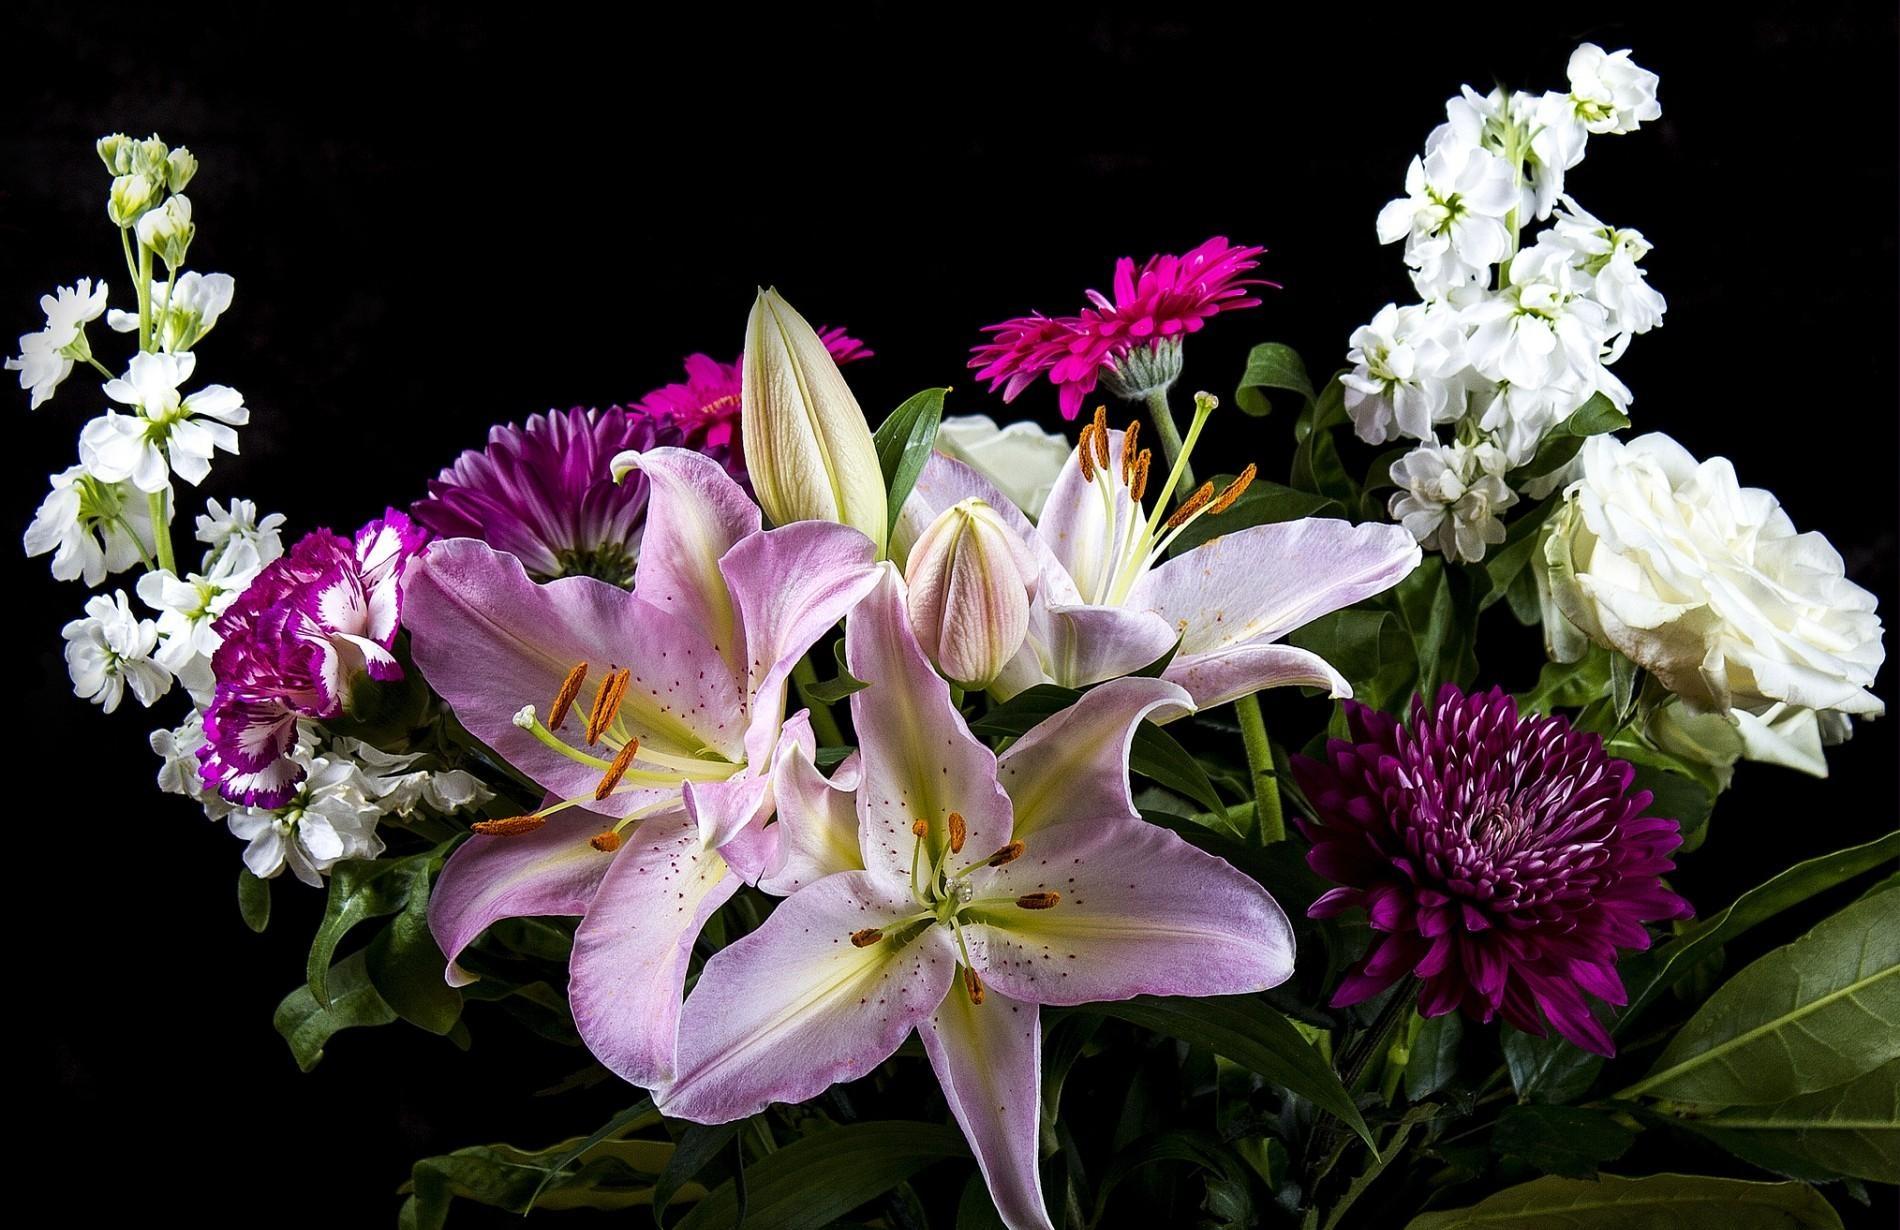 Картинки живые цветы лилиями